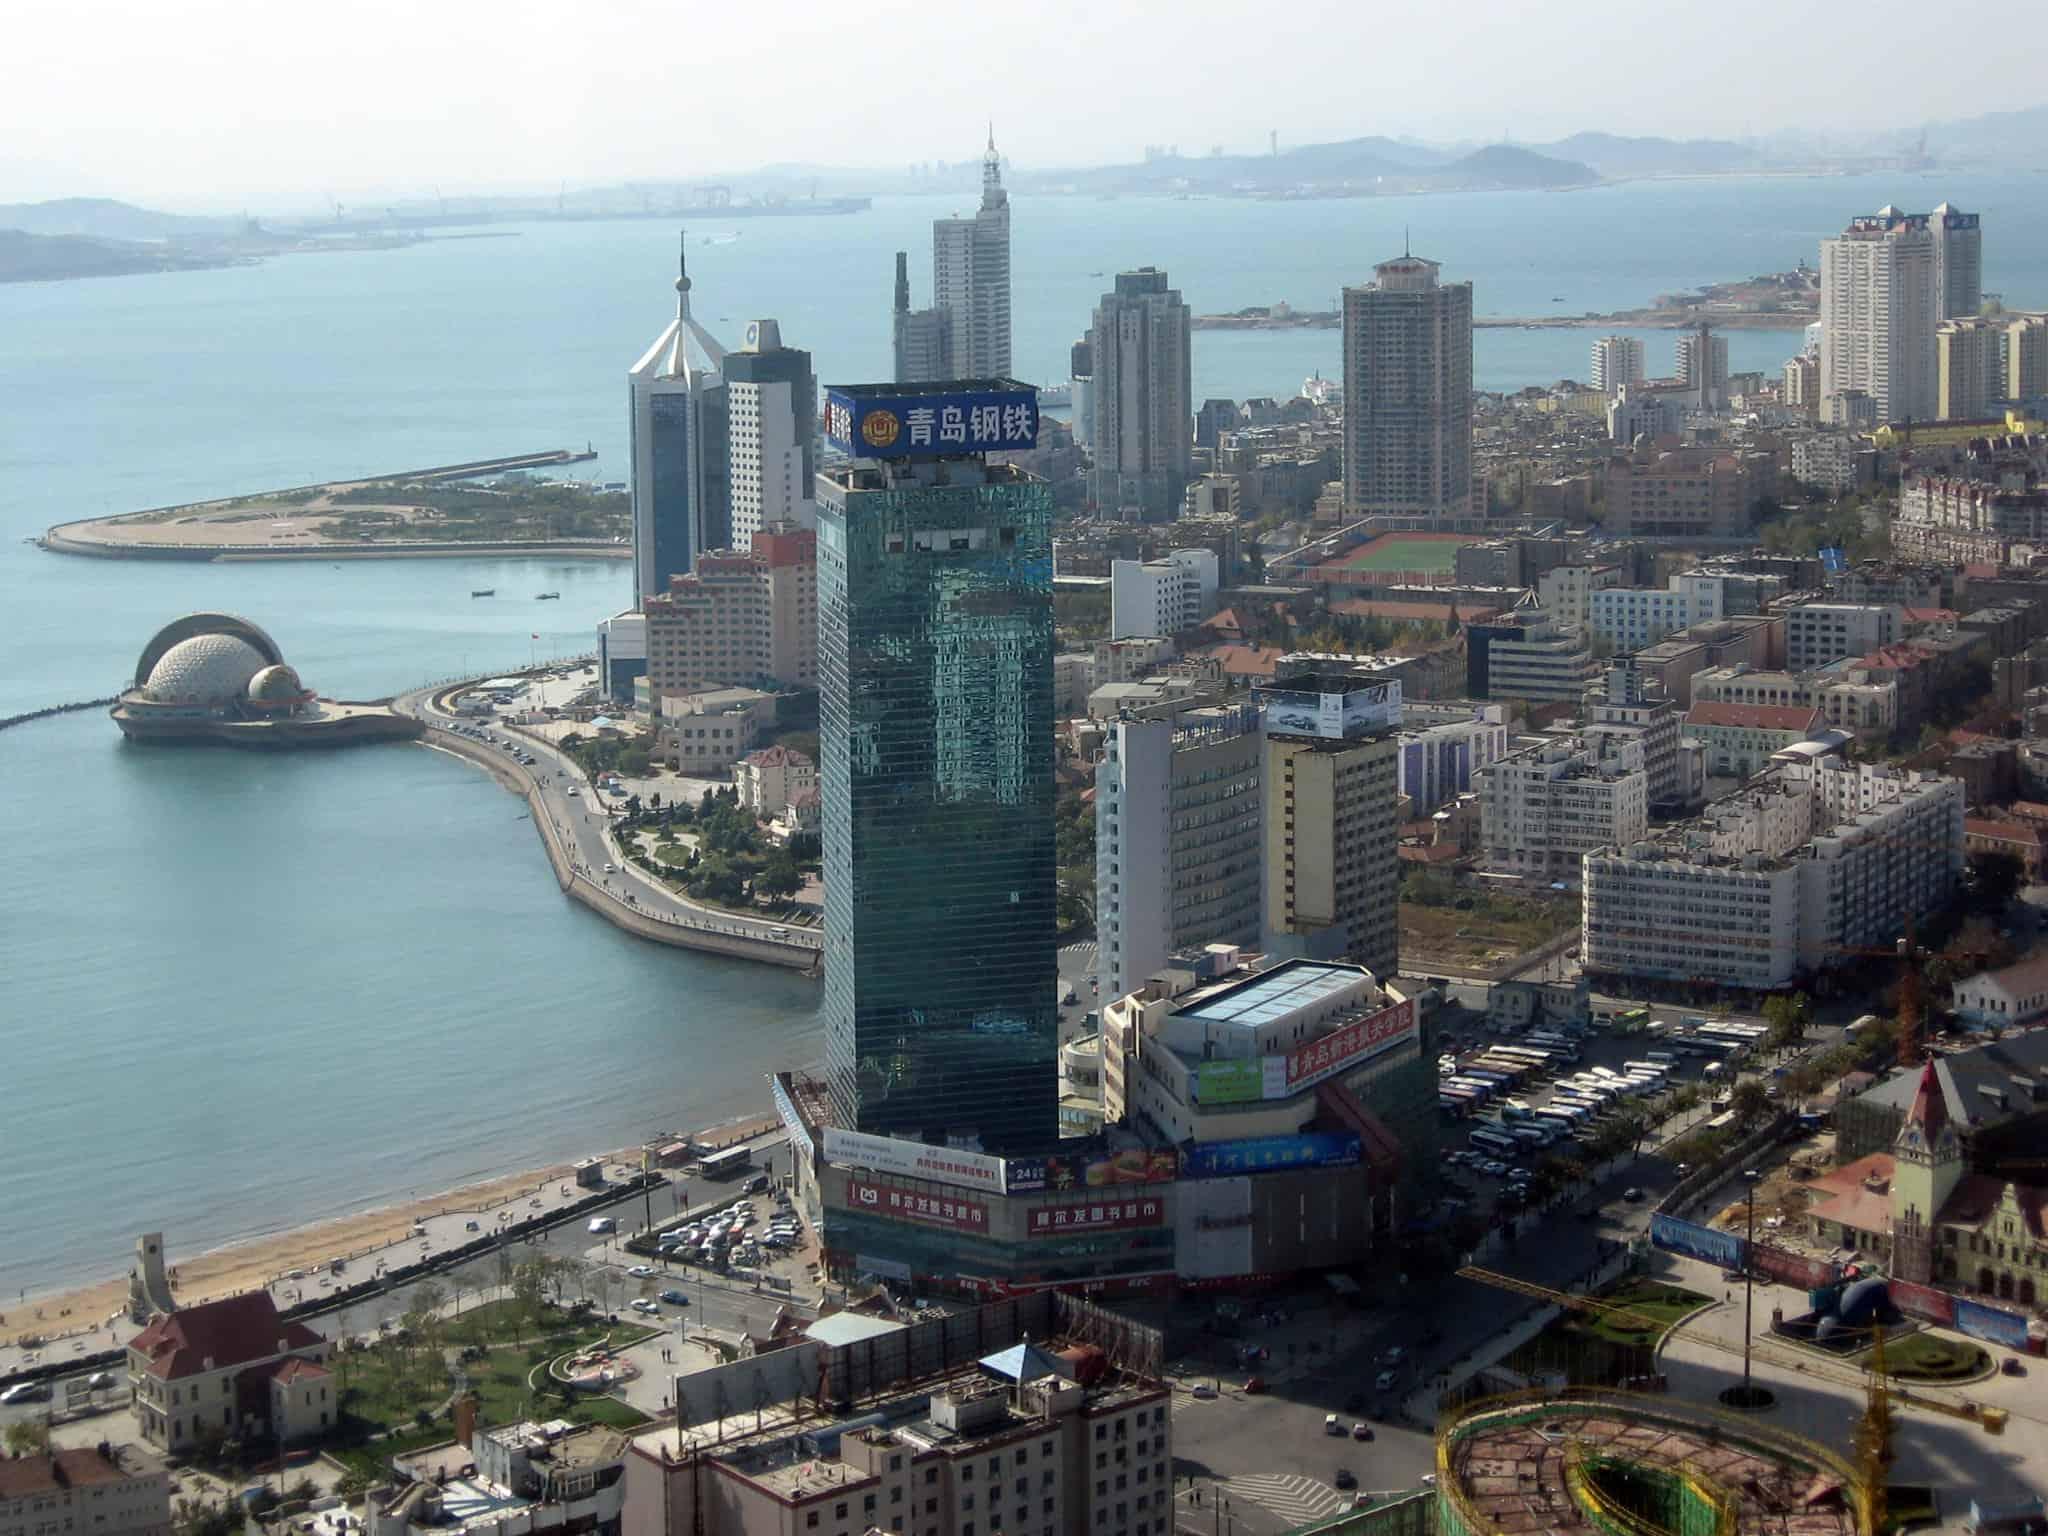 Blizz präsentiert die Regensburger Partnerstädte. Heute: Qingdao in der ost-chinesischen Region Shandong